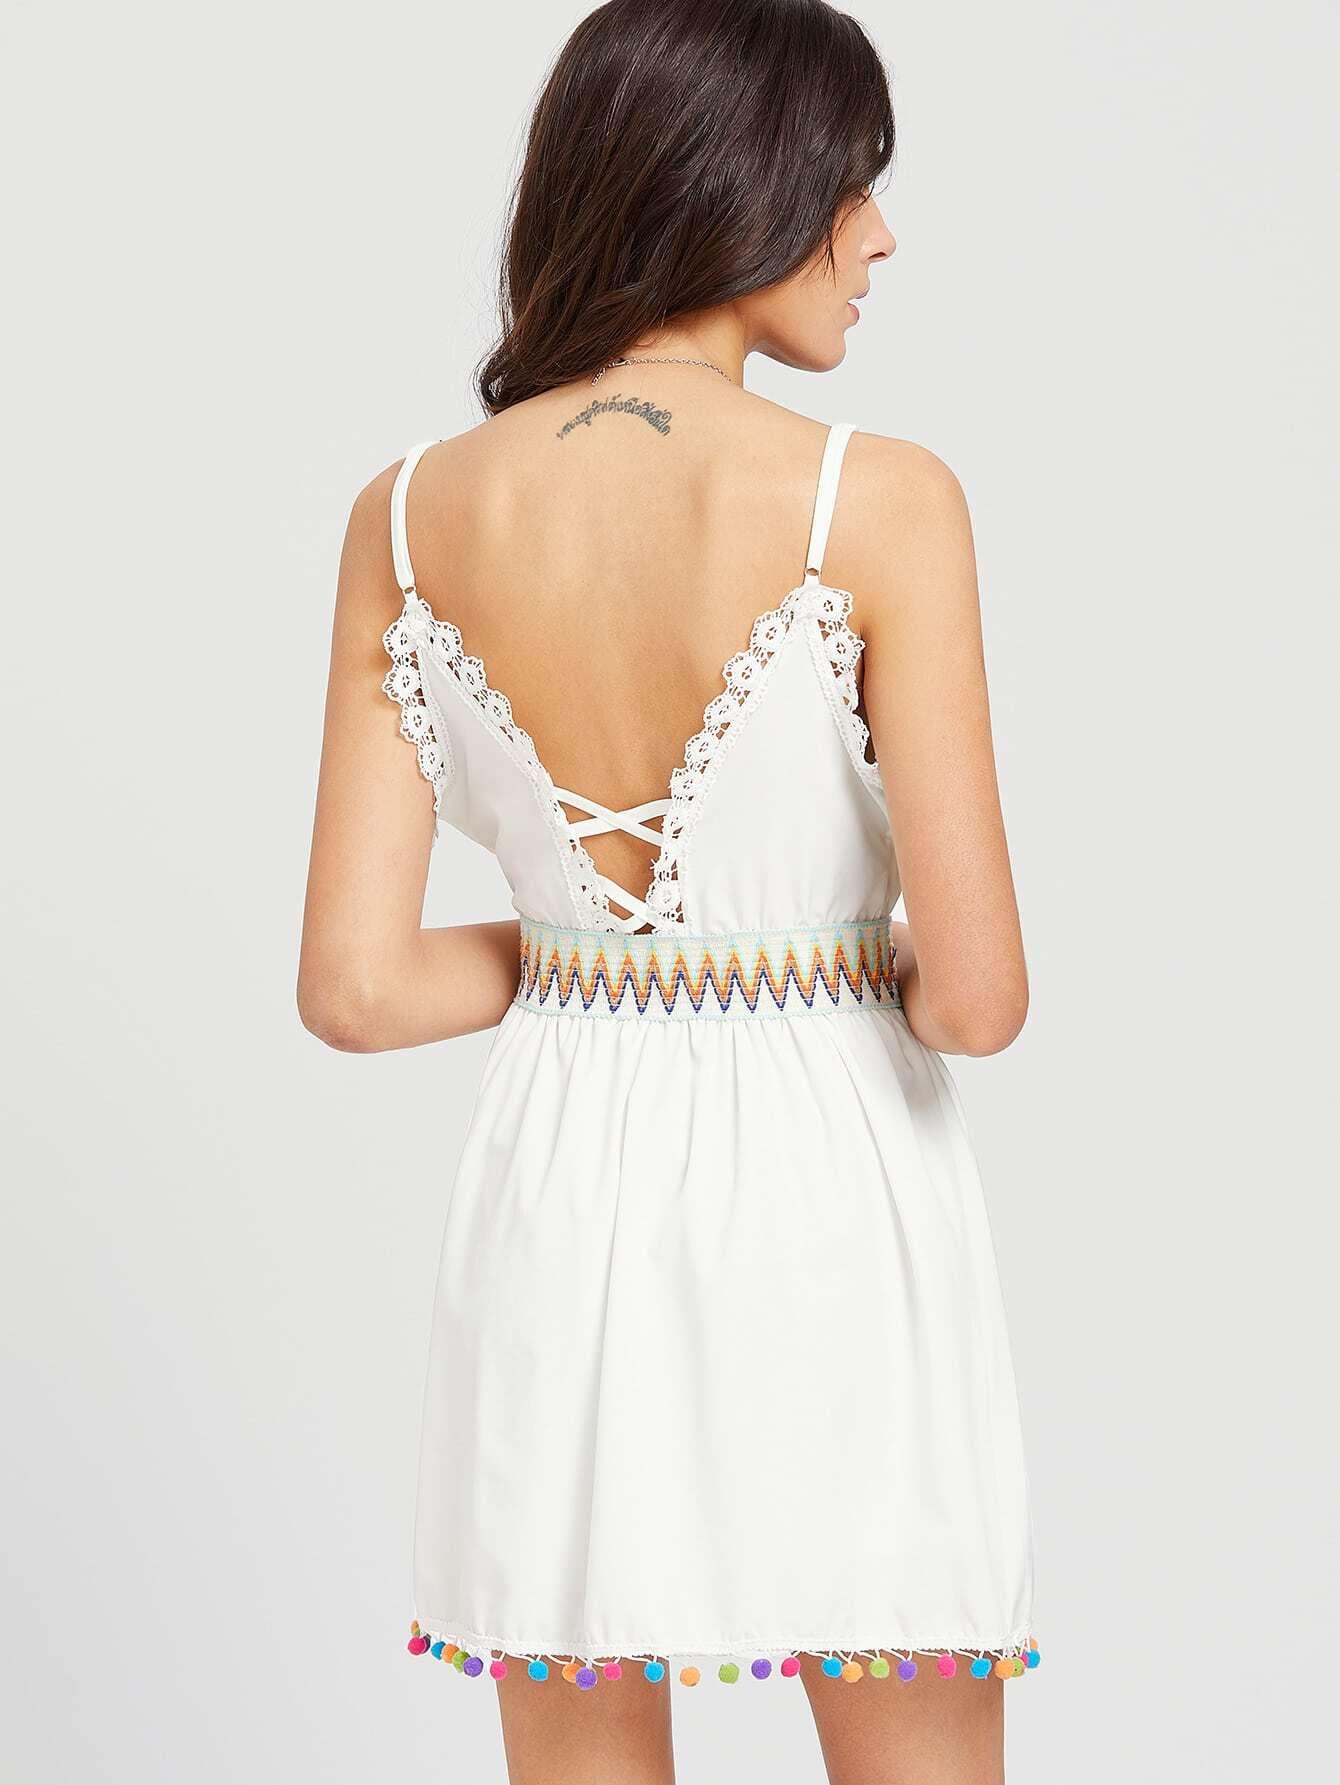 dress170406001_2